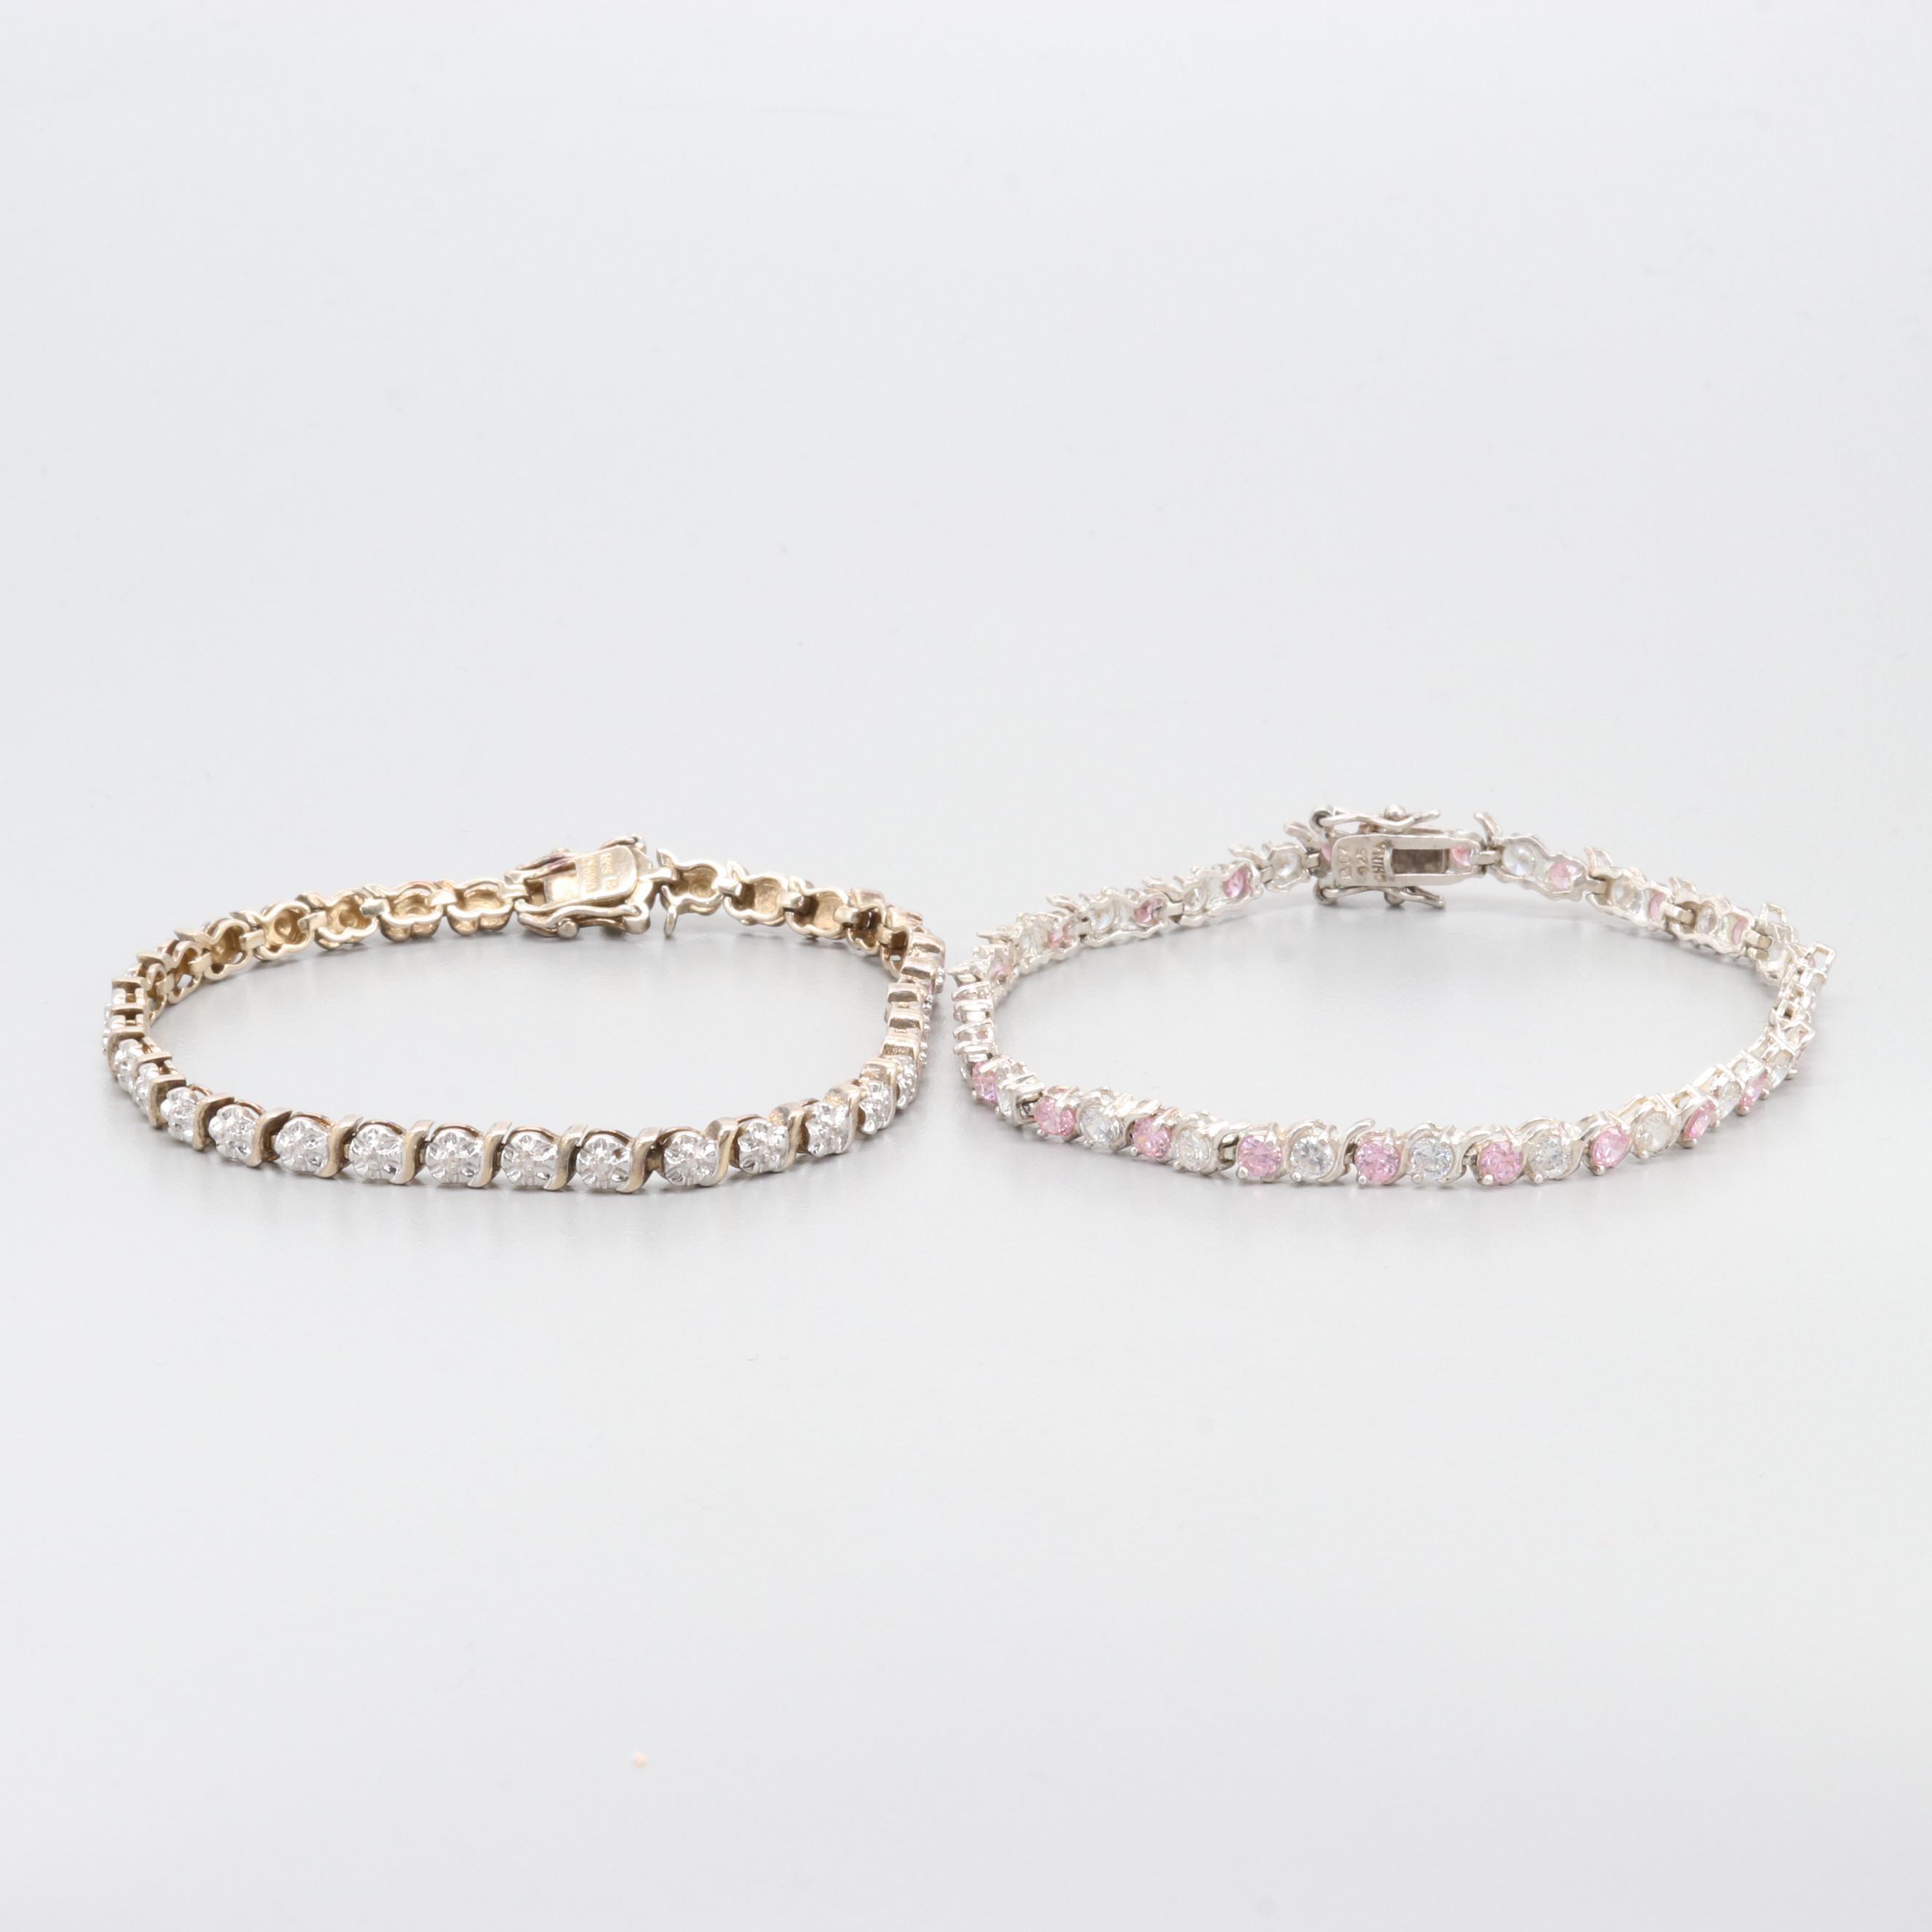 Sterling Silver Cubic Zirconia Tennis Bracelets